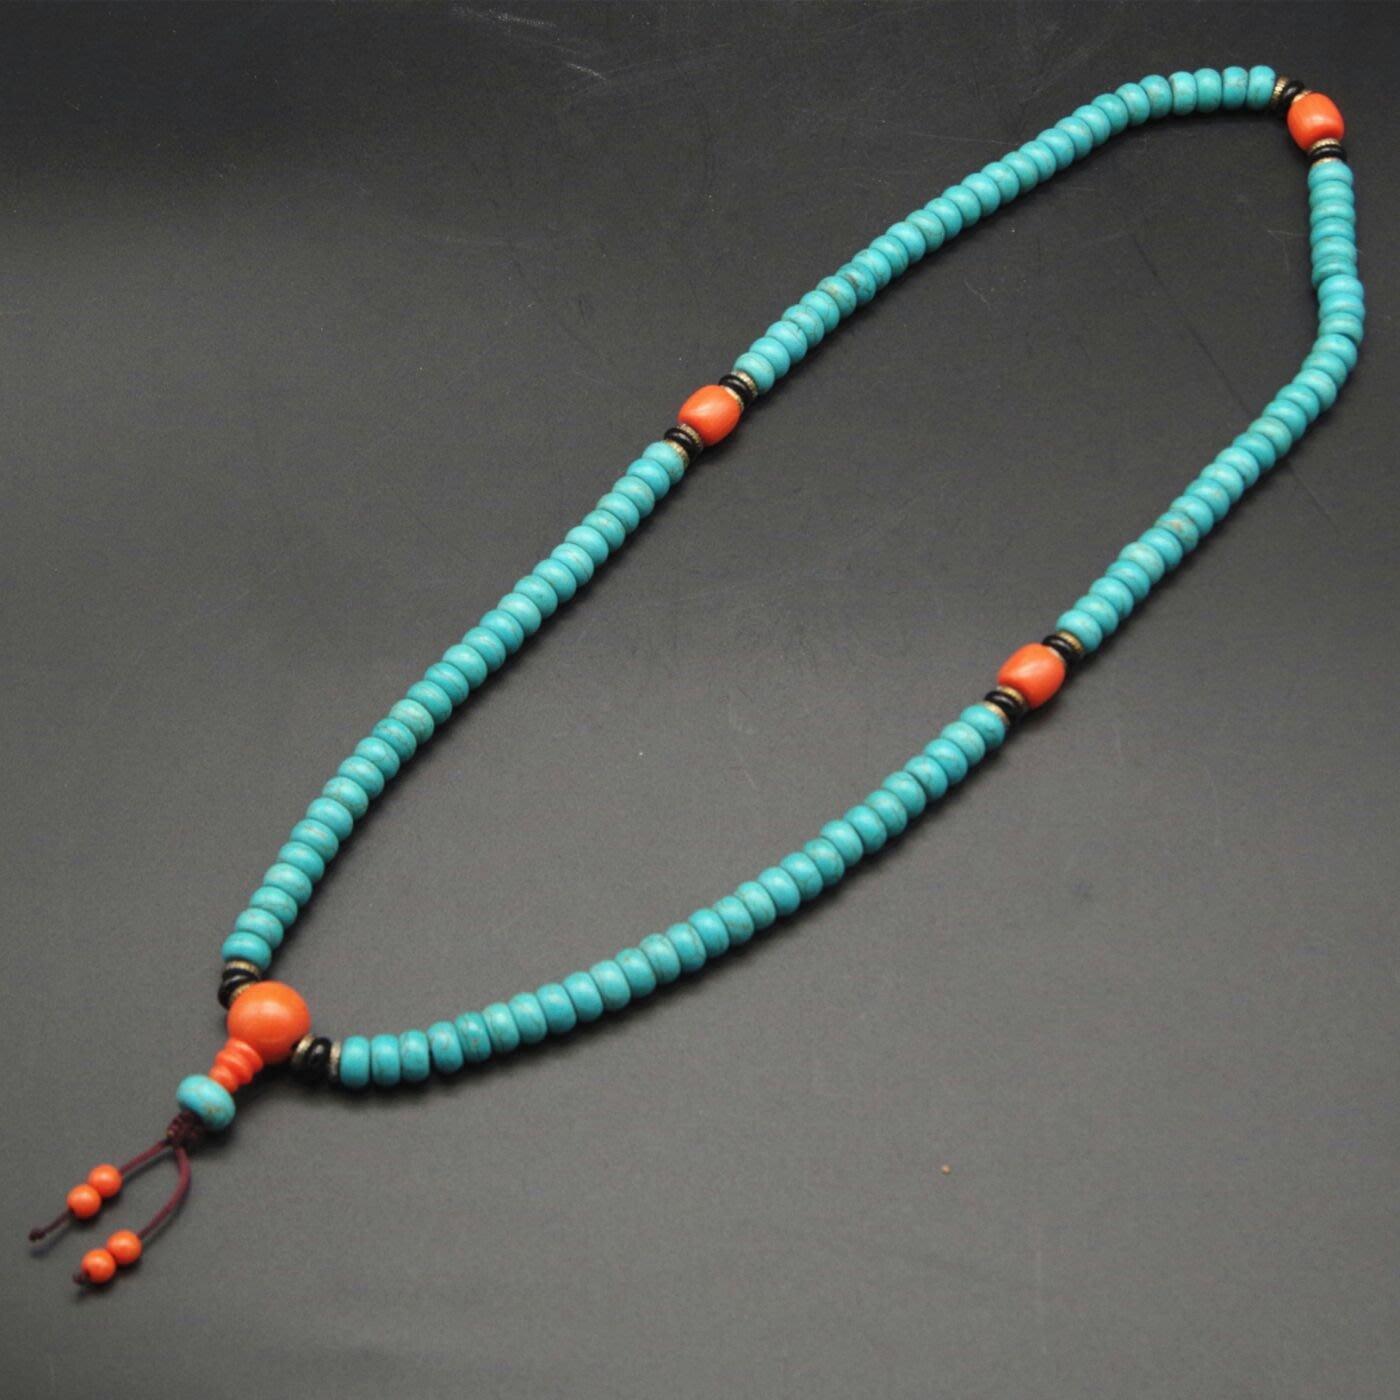 天然綠松石108顆佛珠念珠項鍊/手鍊9mm扁圆珠